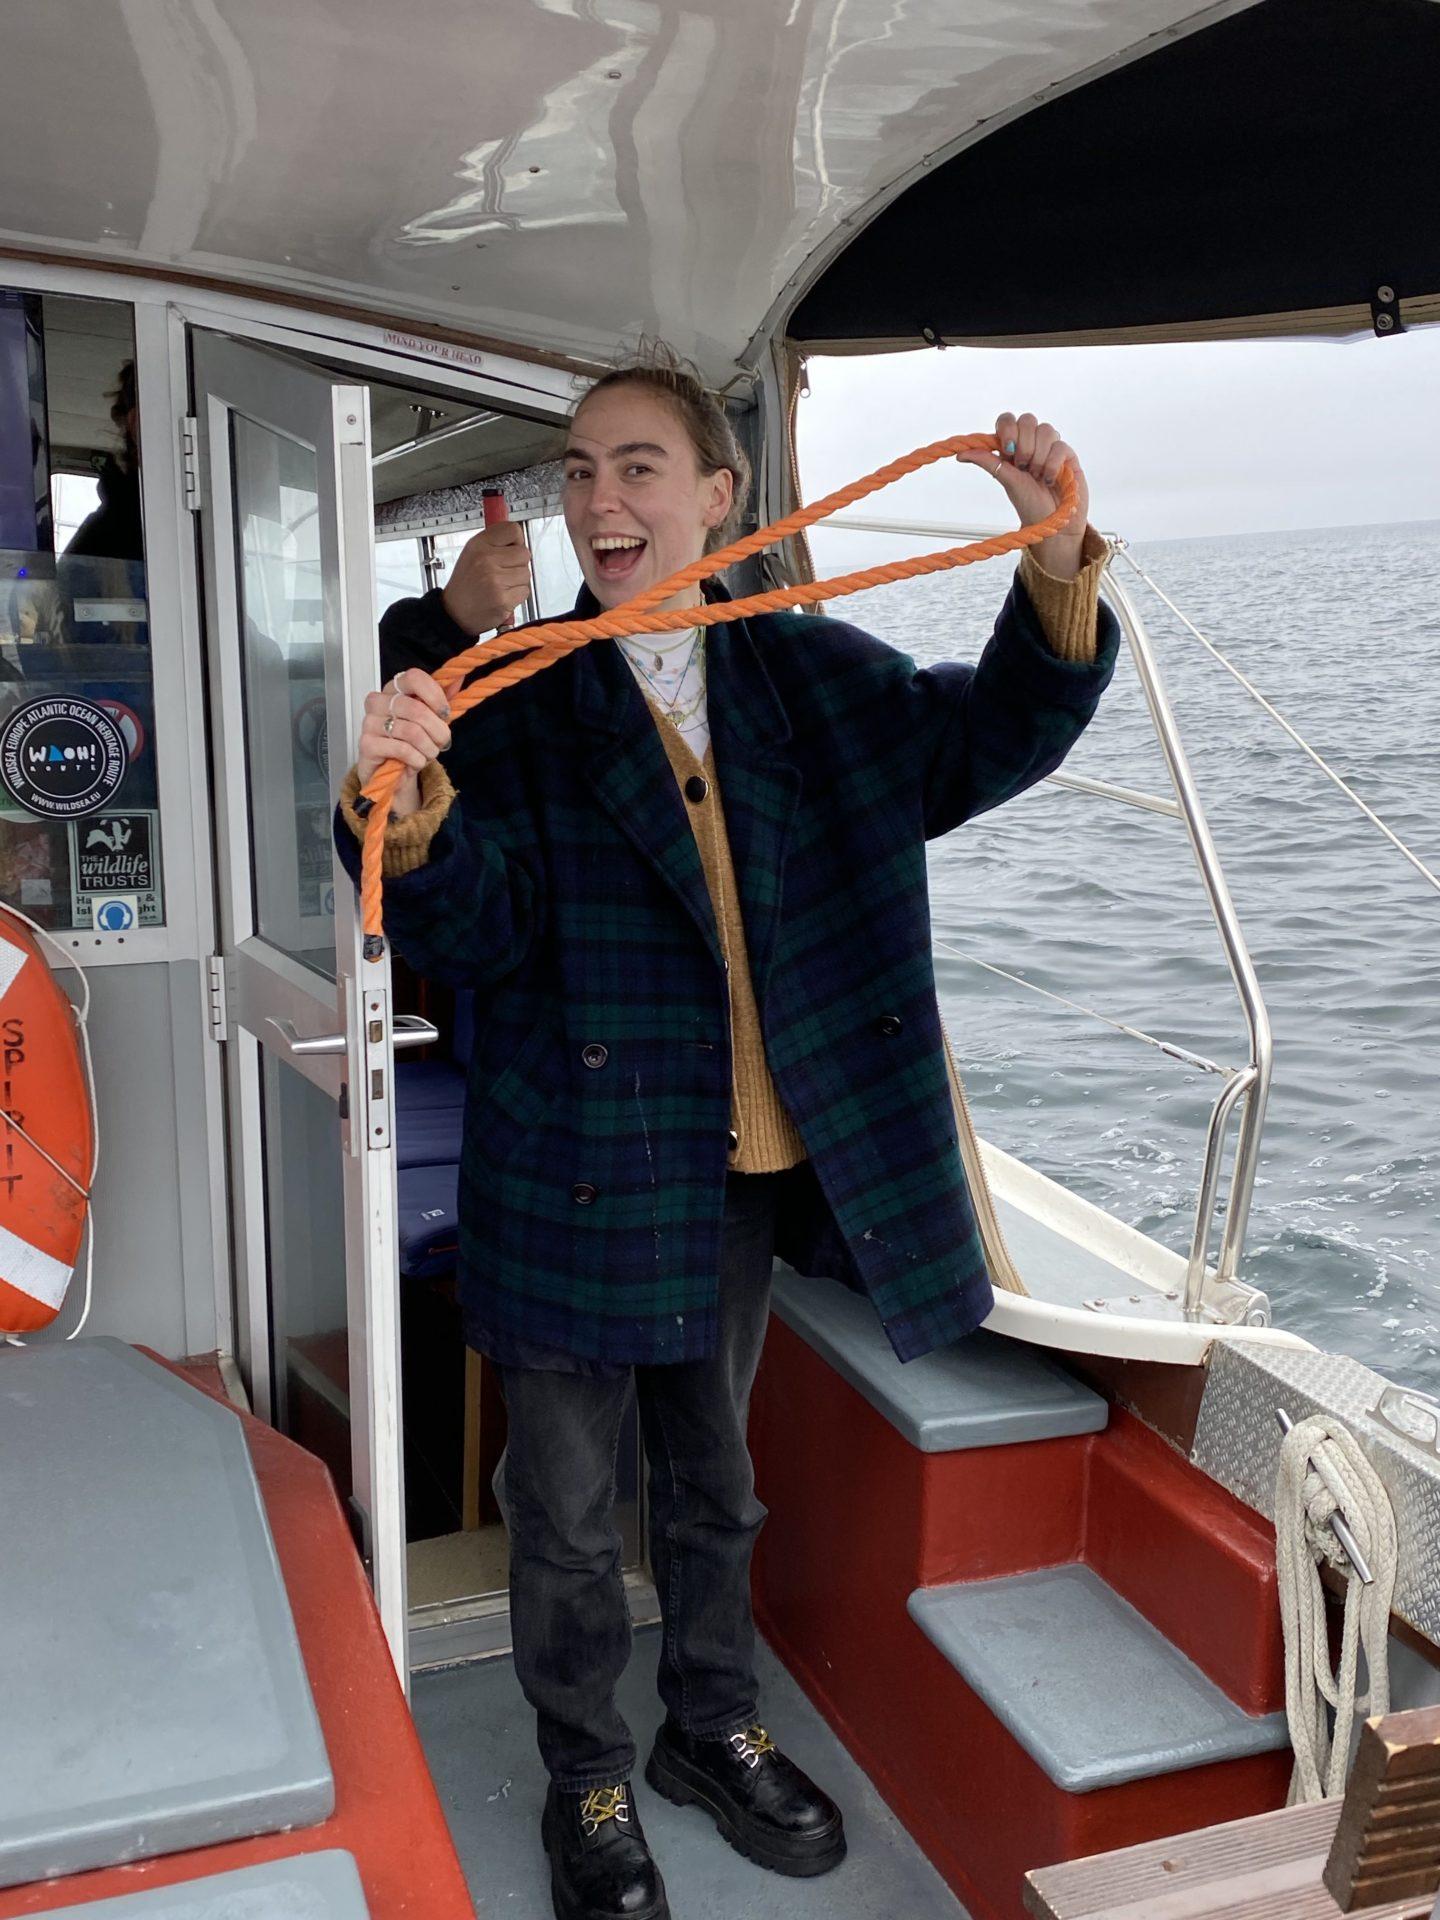 More rubbish retrieved from the sea on our sea safari